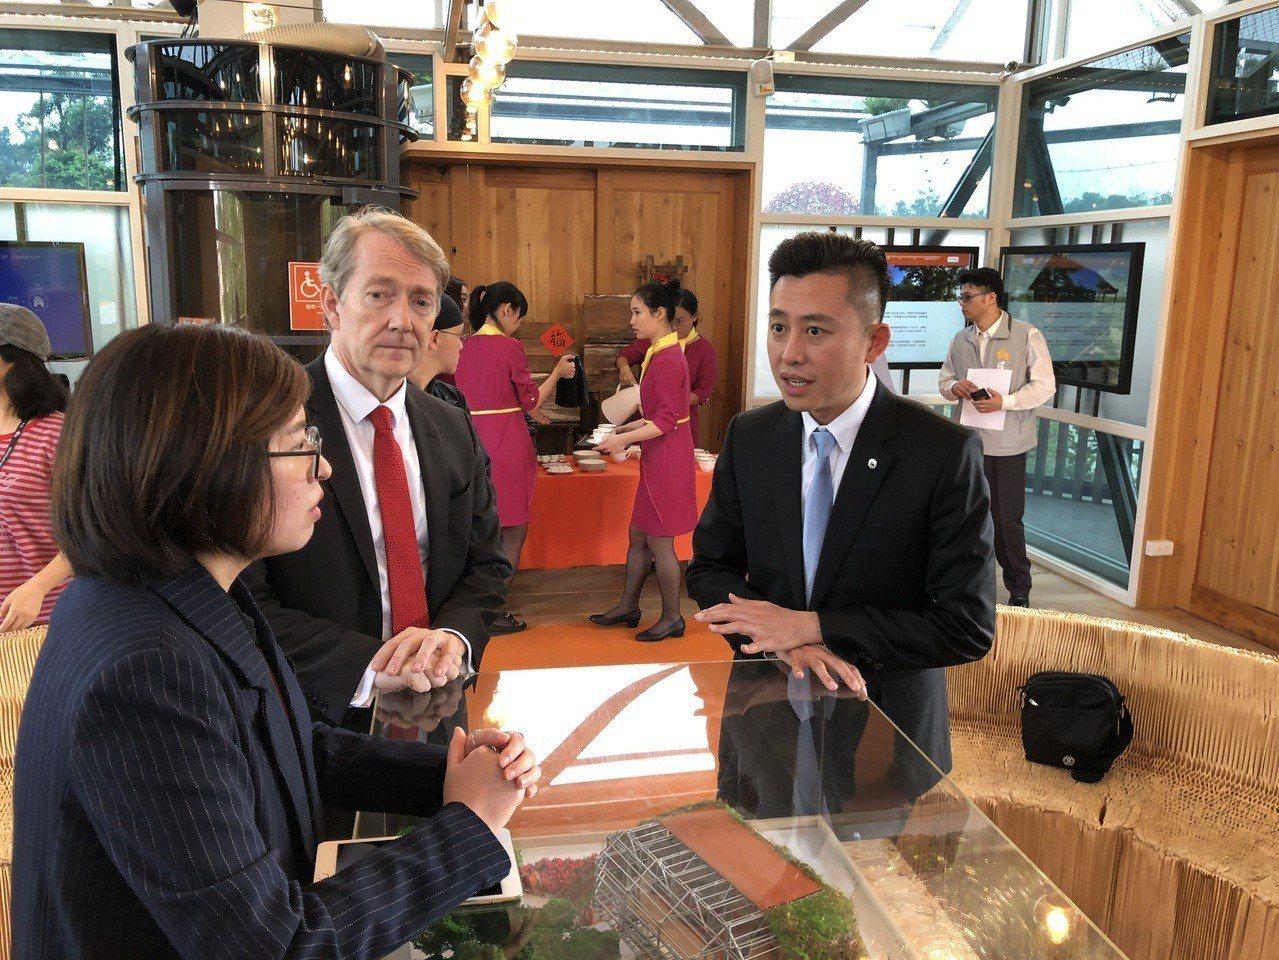 新竹市長林智堅(右)今天率團參訪台中花博荷蘭國家館,由荷蘭貿易及投資辦事處代表紀...